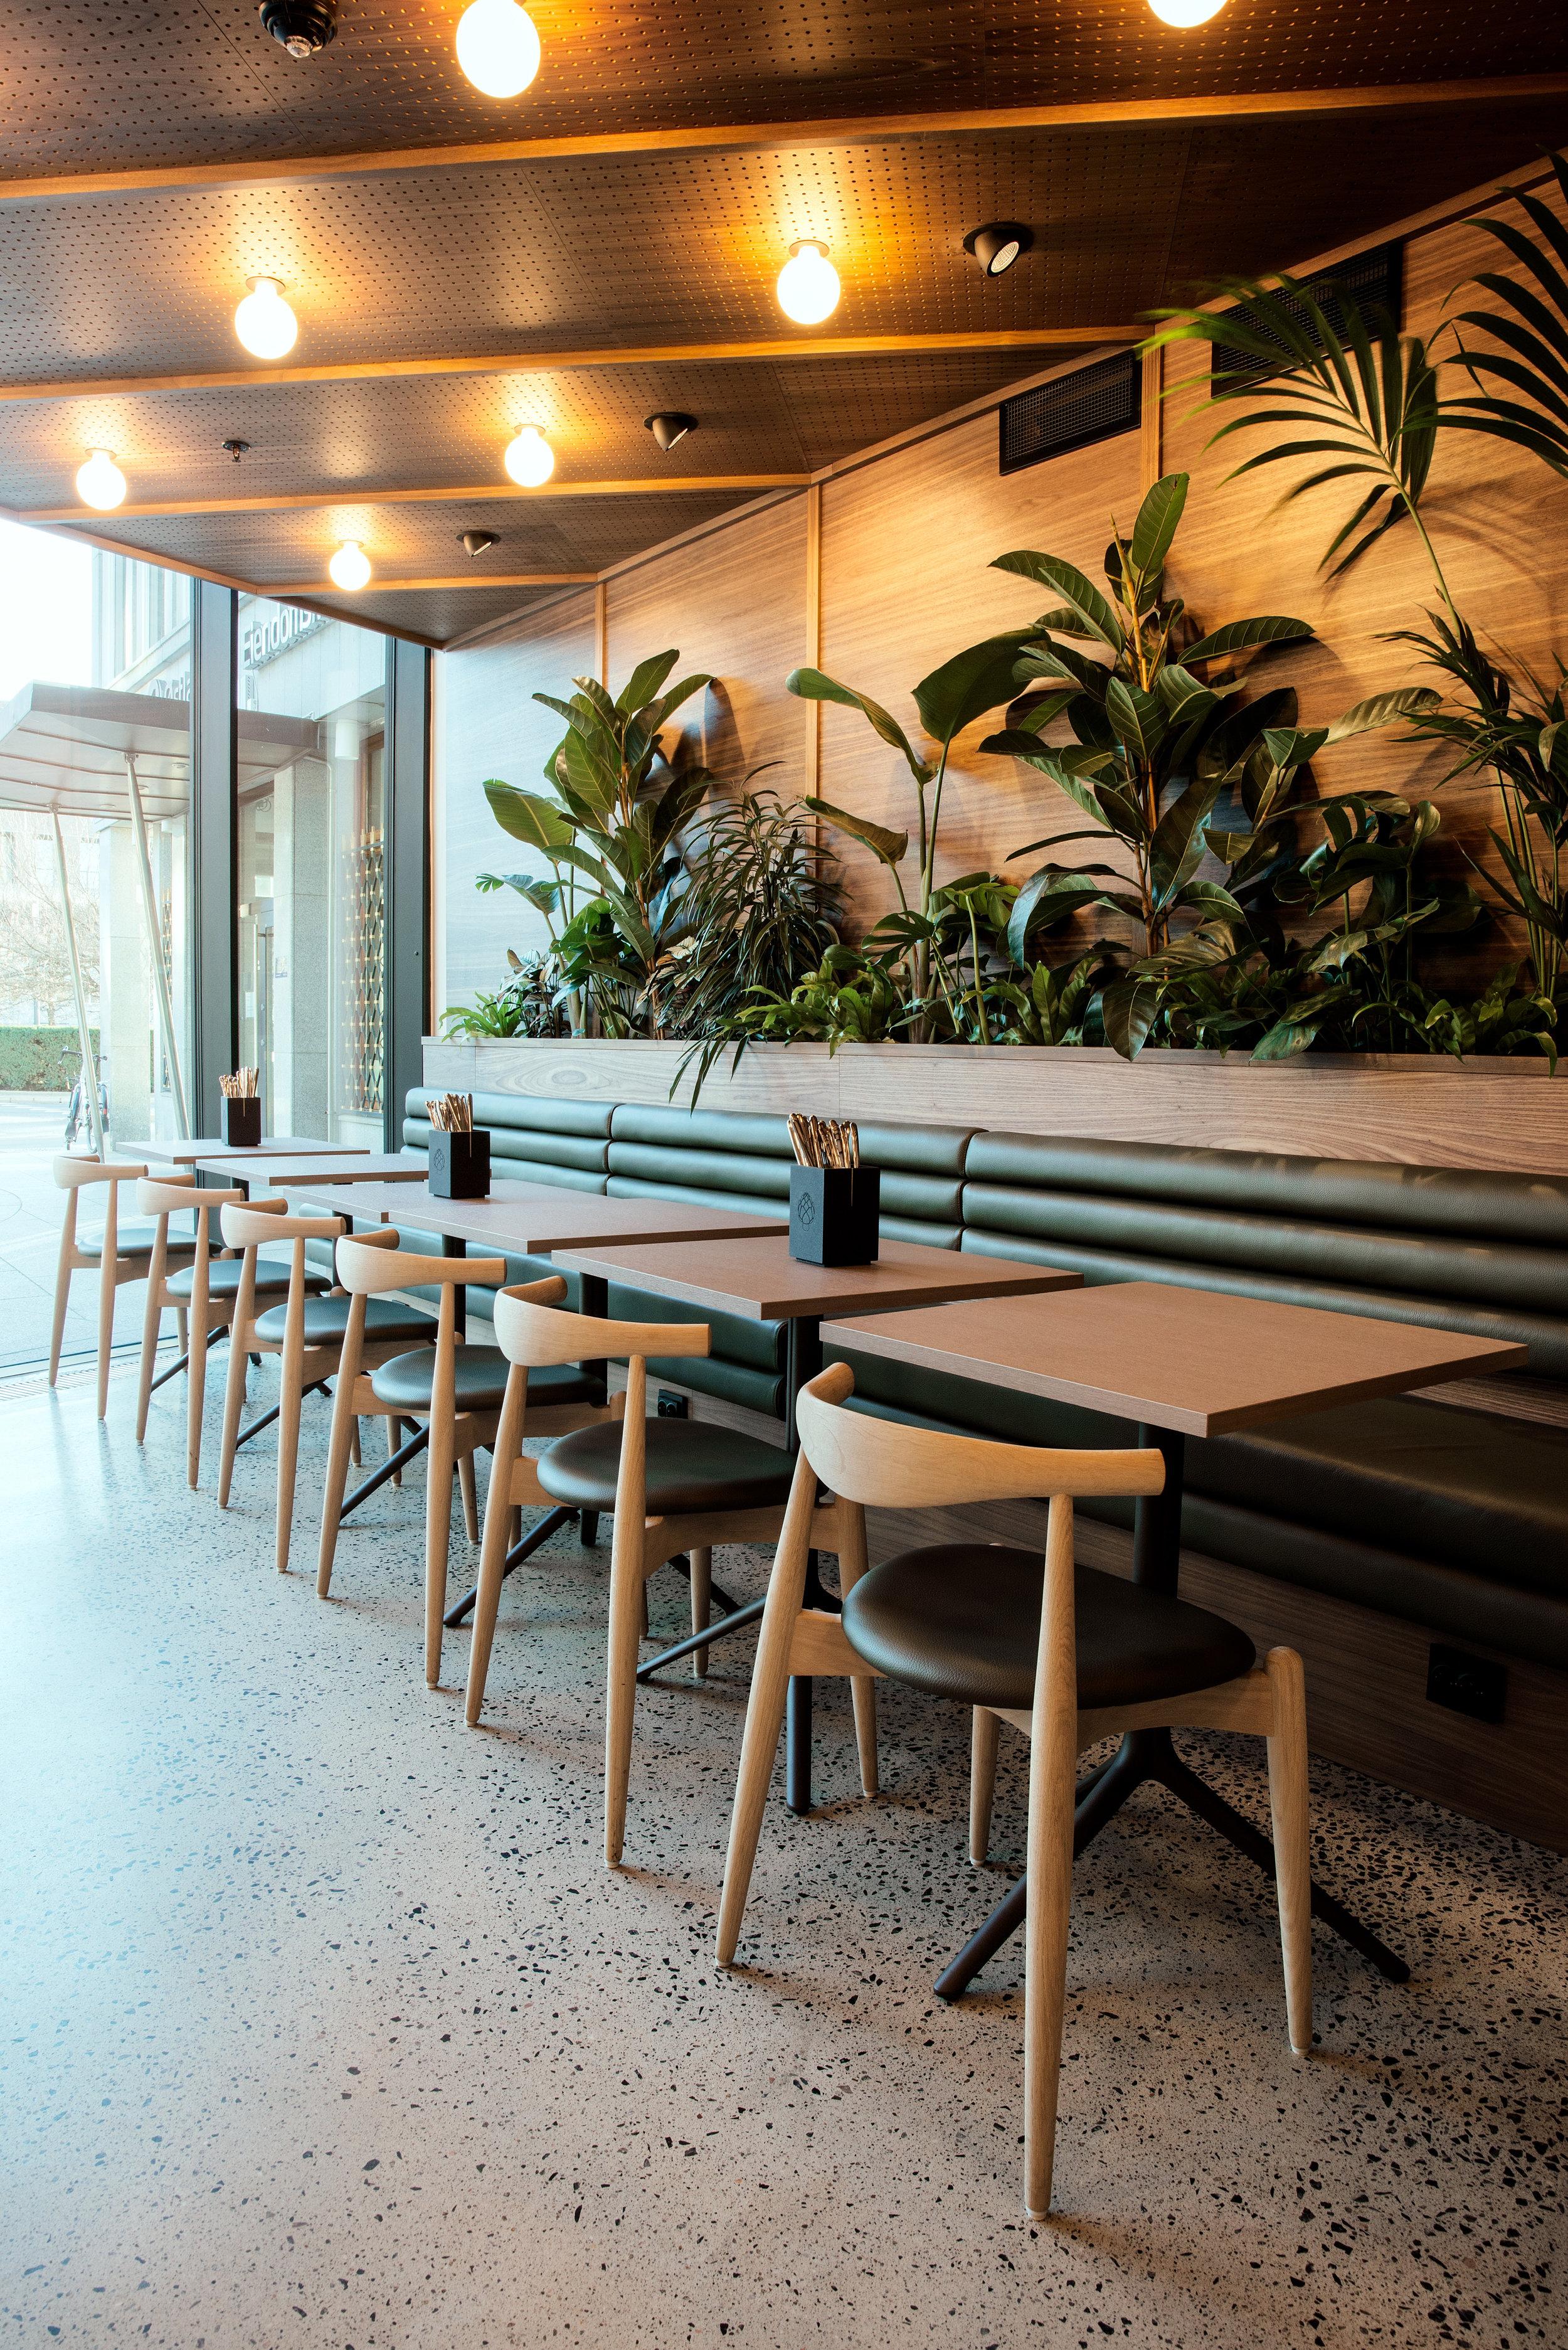 lavaoslo-Restaurant-kafe-restaurant haakon-buffet-lunsj